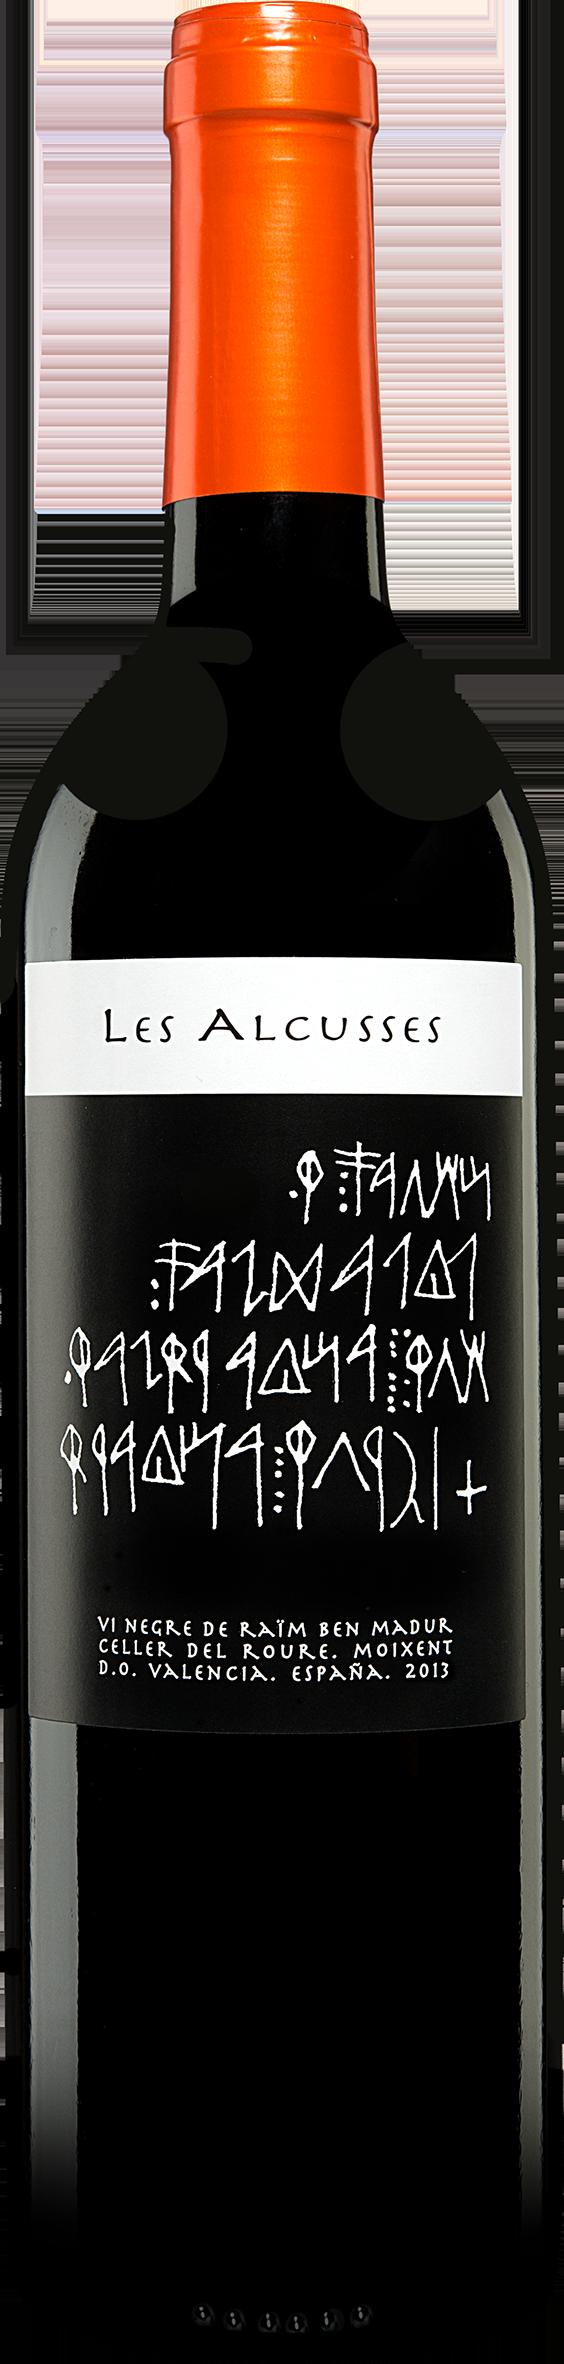 92 Parker Punkte: Les Alcusses 2014 nur 8,45 € (Tagesdeal)